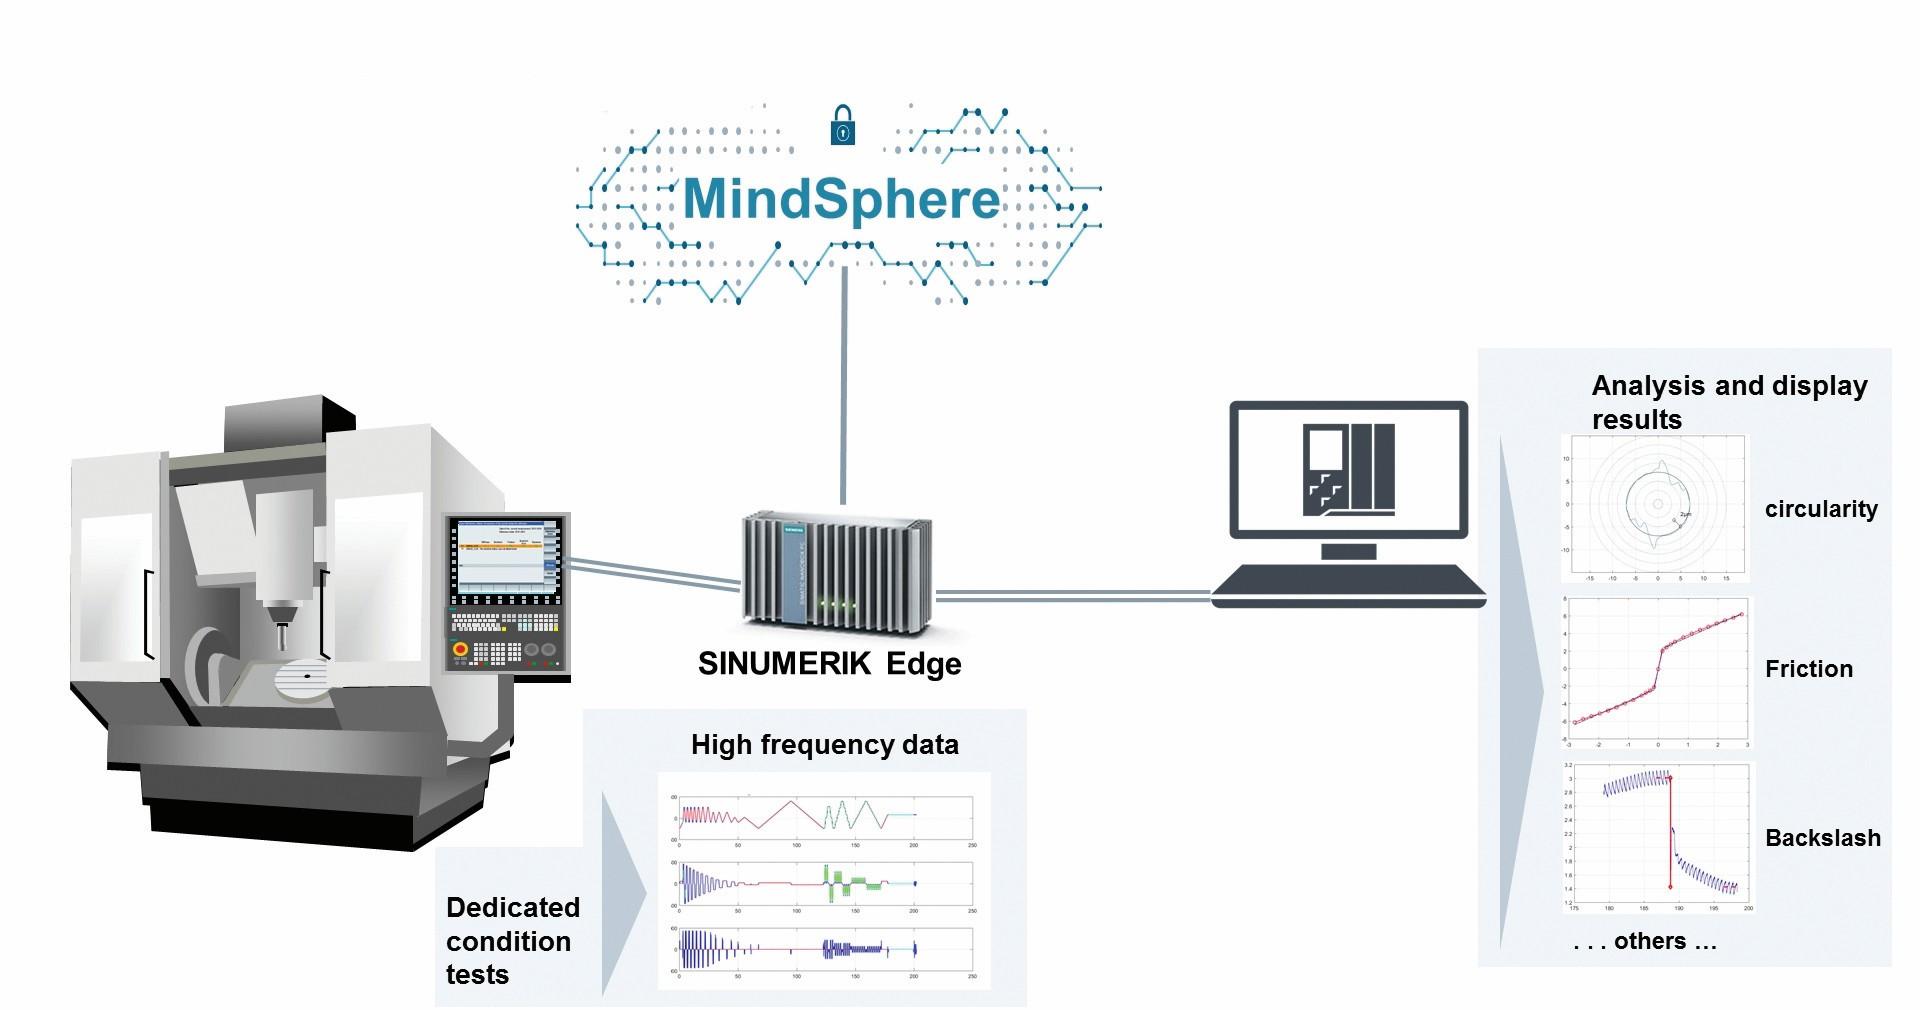 """Bild 5: Die Edge-App """"Analyze MyMachine /Condition"""" nutzt die hochfrequenten Daten der CNC für engmaschige Zustandstests. Sie geben Auskunft über Verschleiß-zustand und Wartungsbedarf der Maschine – Grundlage für bedarfsgerechte zustandsorientierte Wartung und für hohe Maschinenverfügbarkeit. Bild: Siemens"""